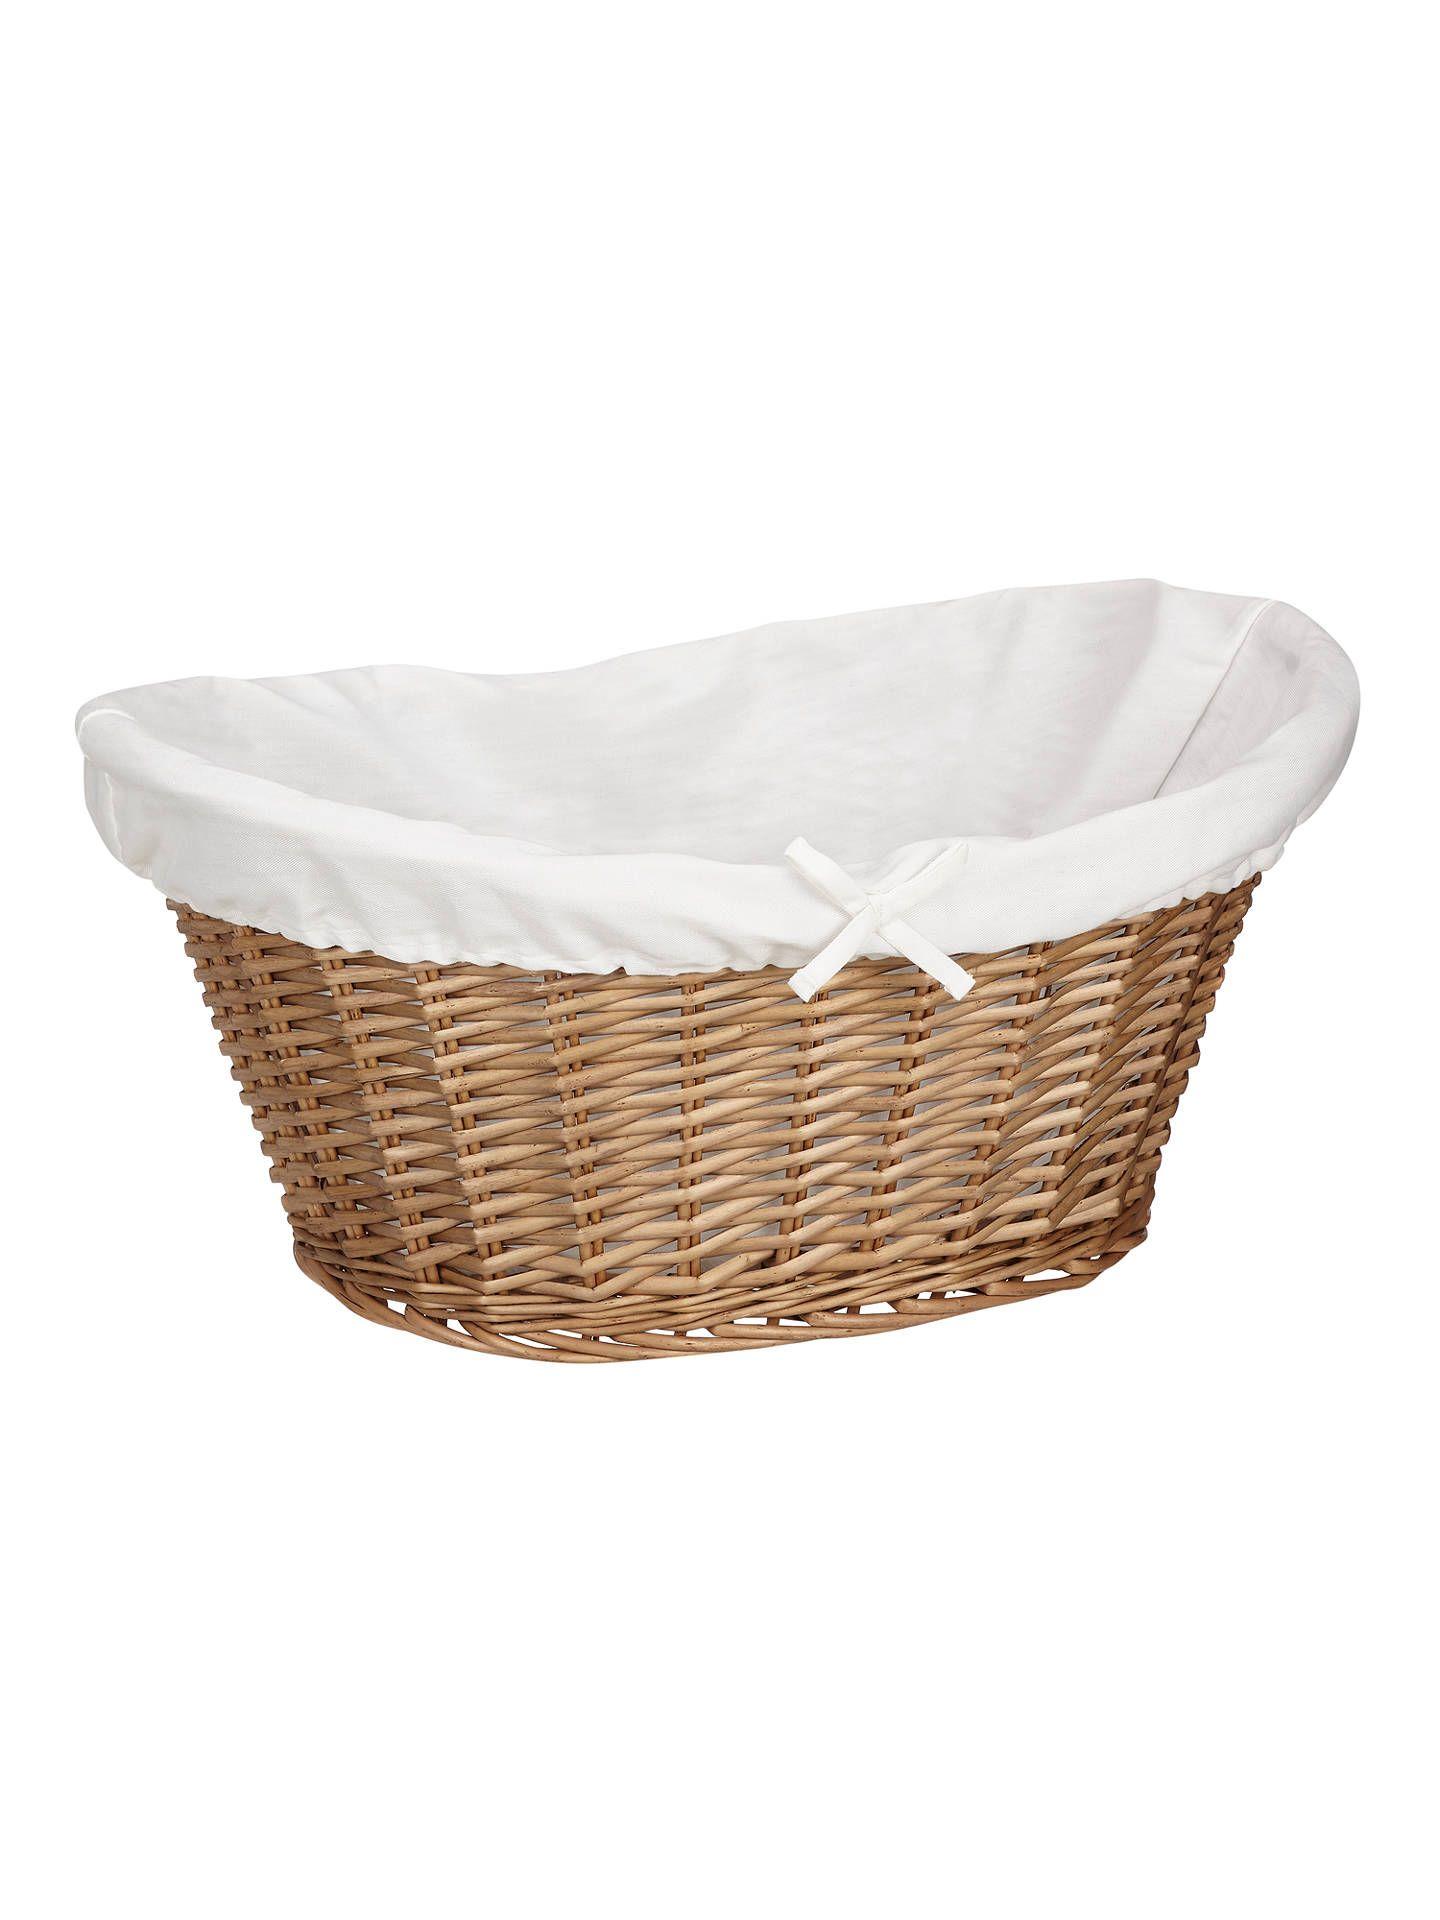 John Lewis Partners Lined Oval Wicker Laundry Basket Wicker